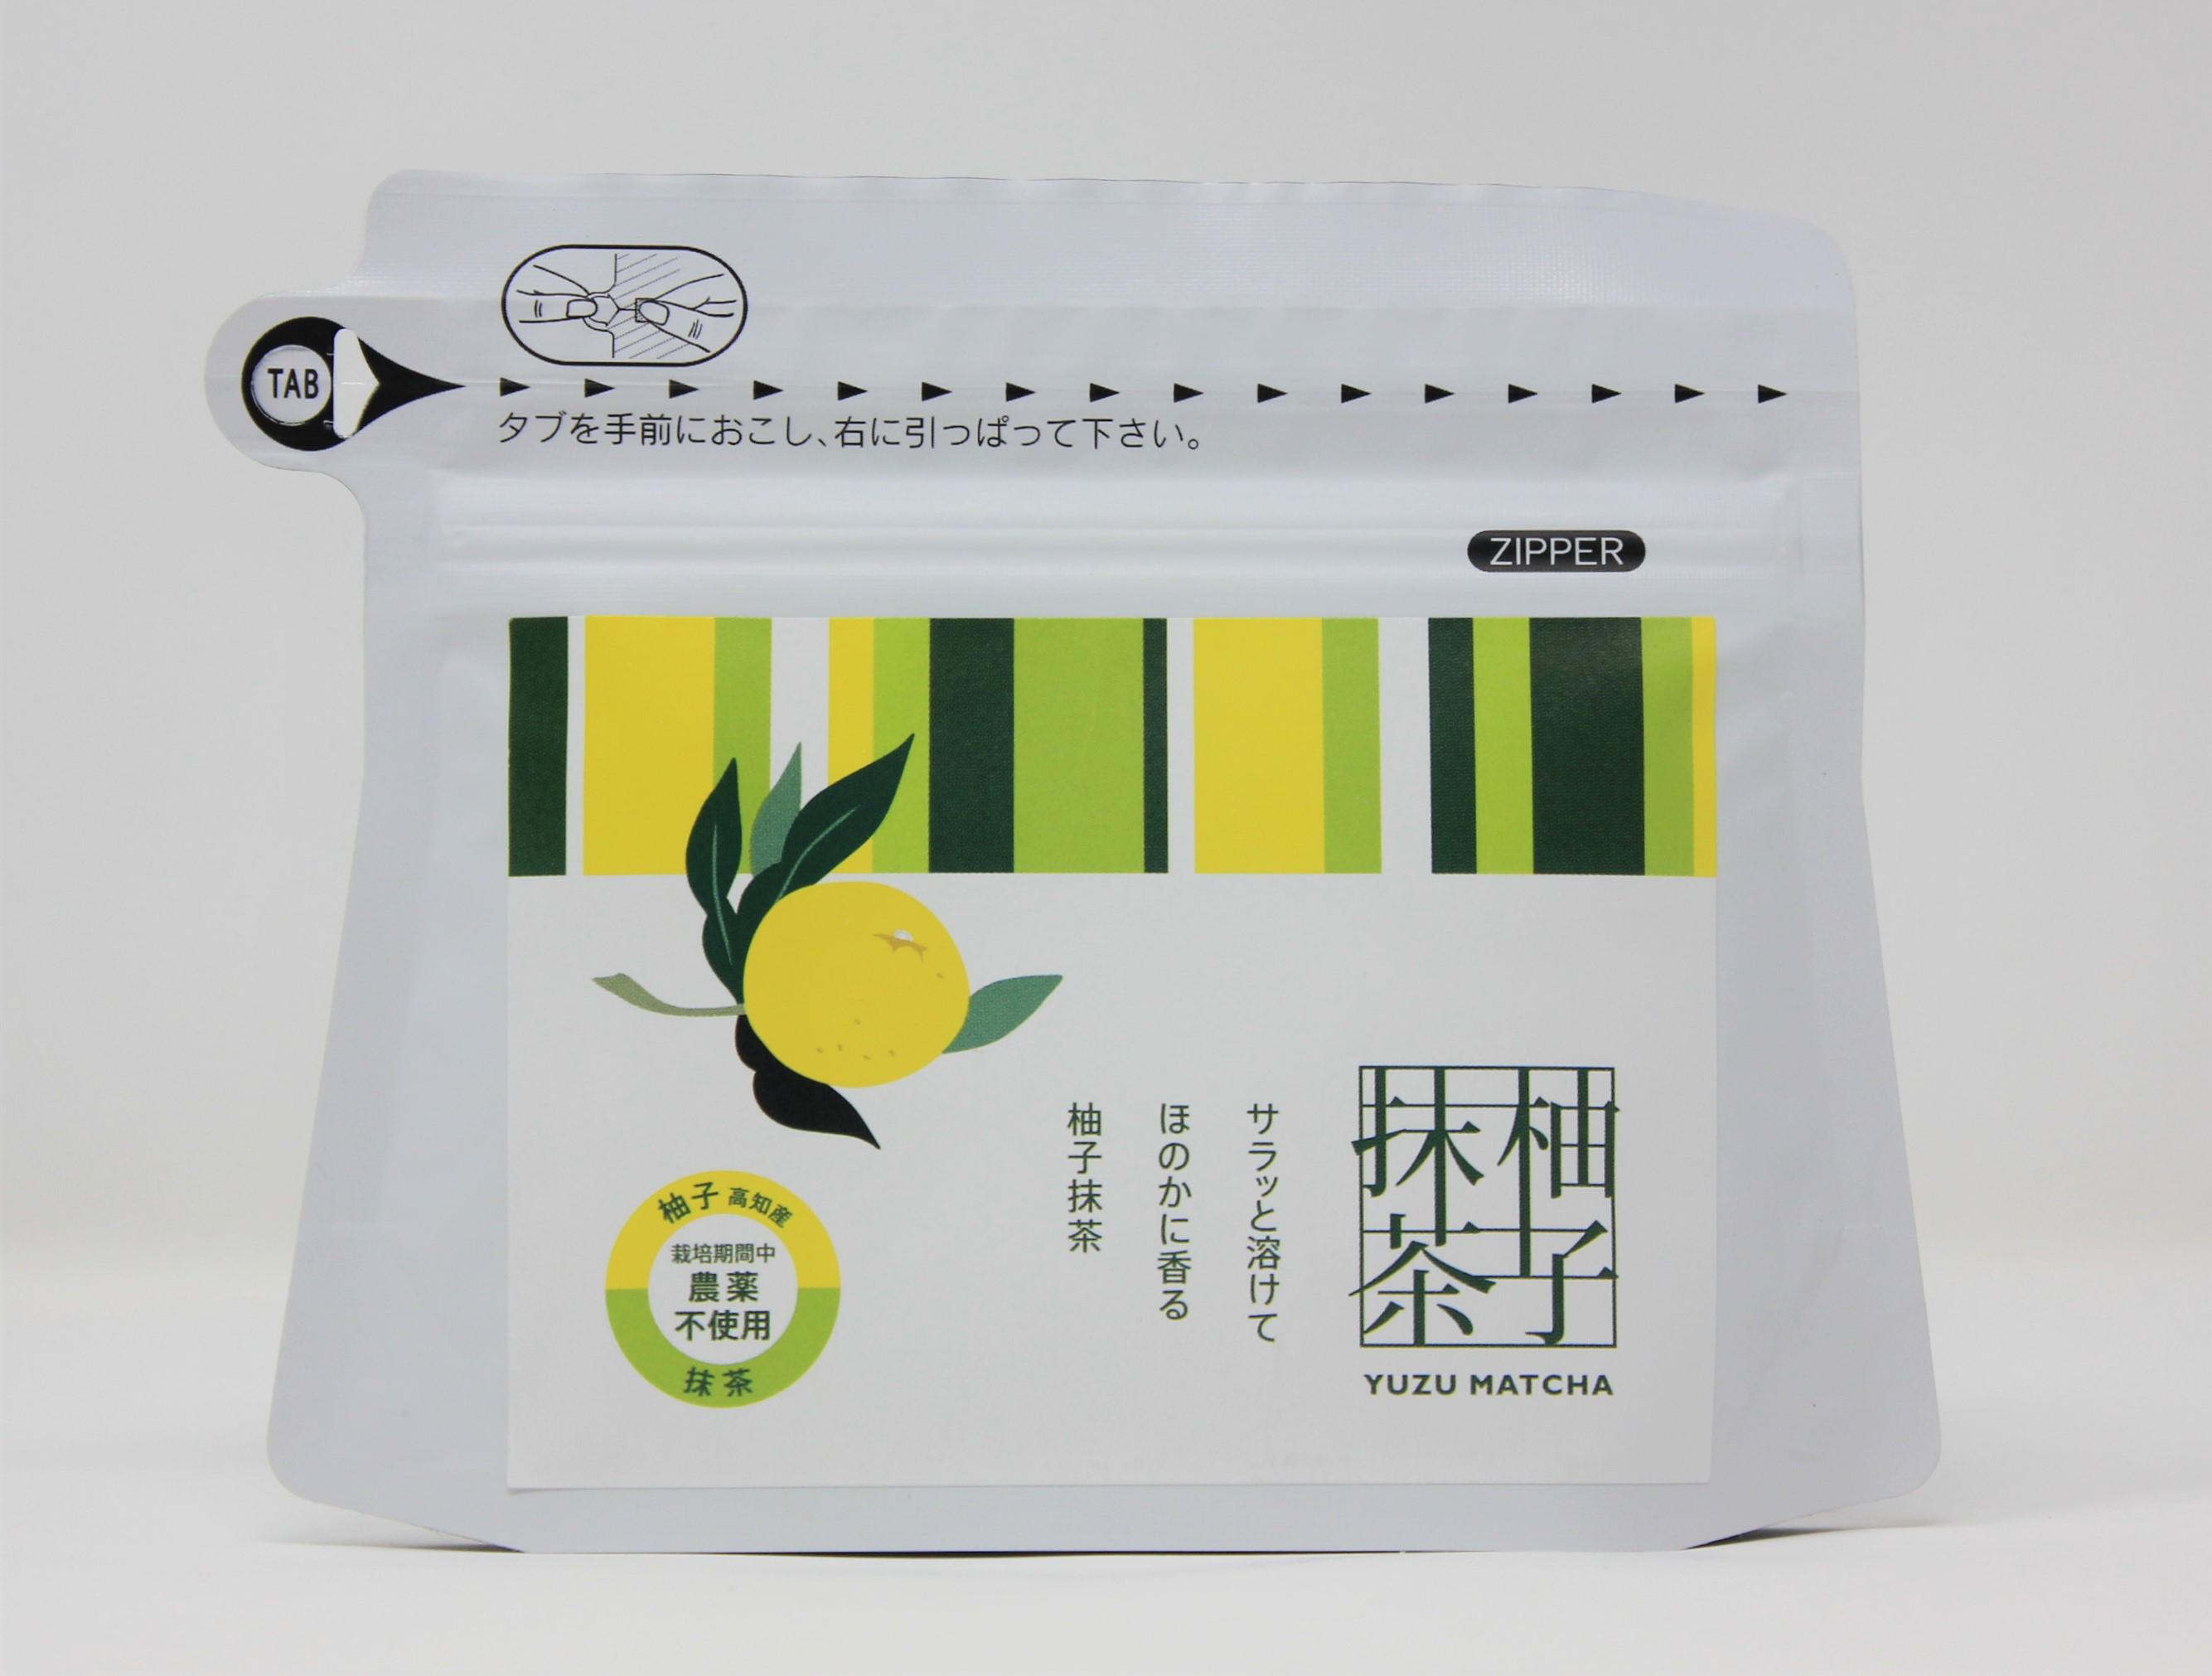 yuzu matcha 40g bag